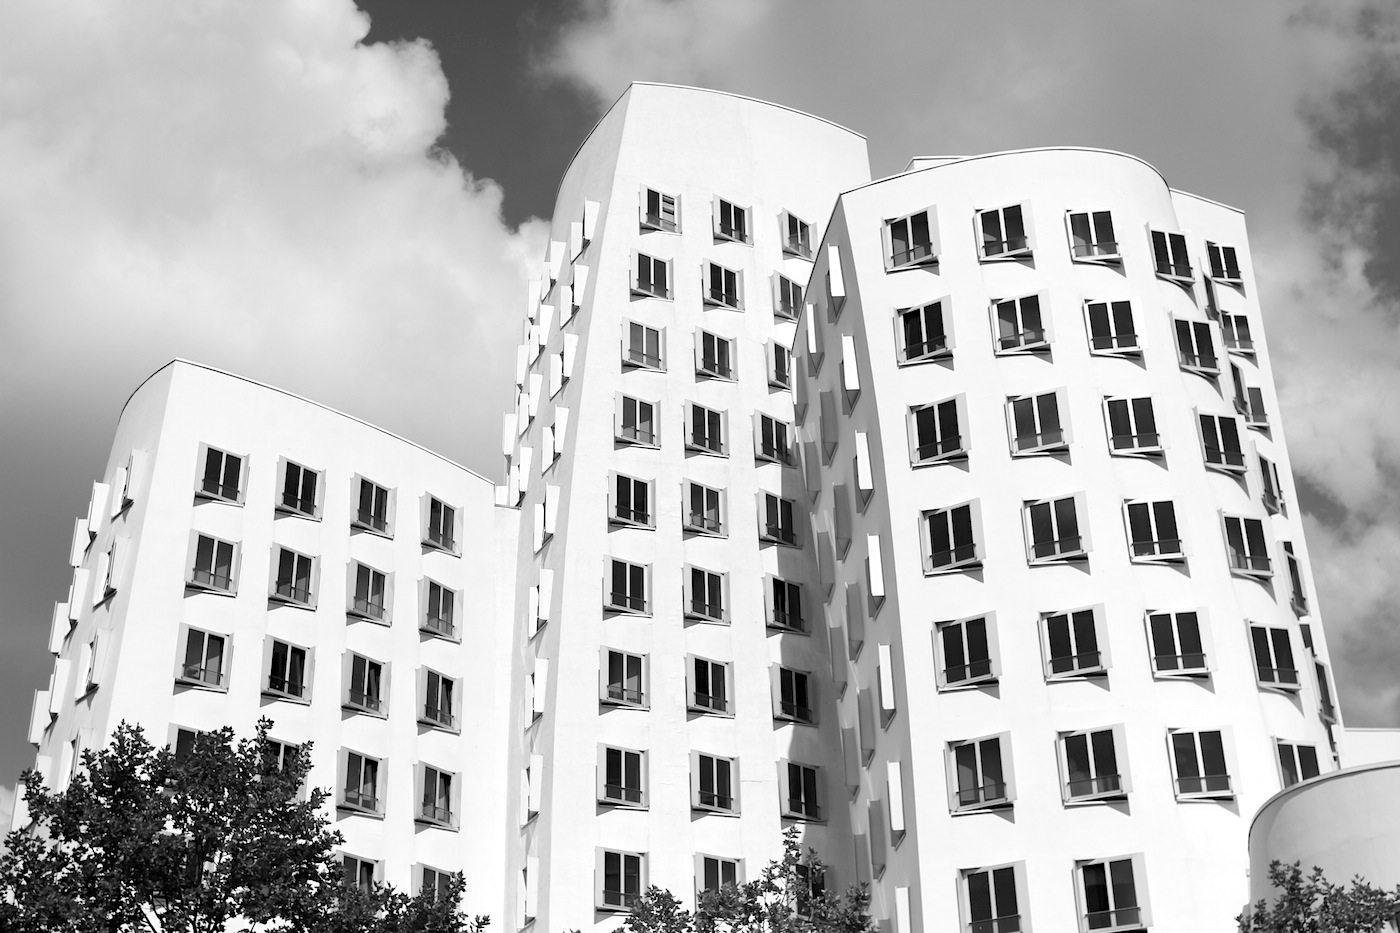 Neuer Zollhof 1–3.  World-famous 1990s architectural masterpiece and deconstructivist design.